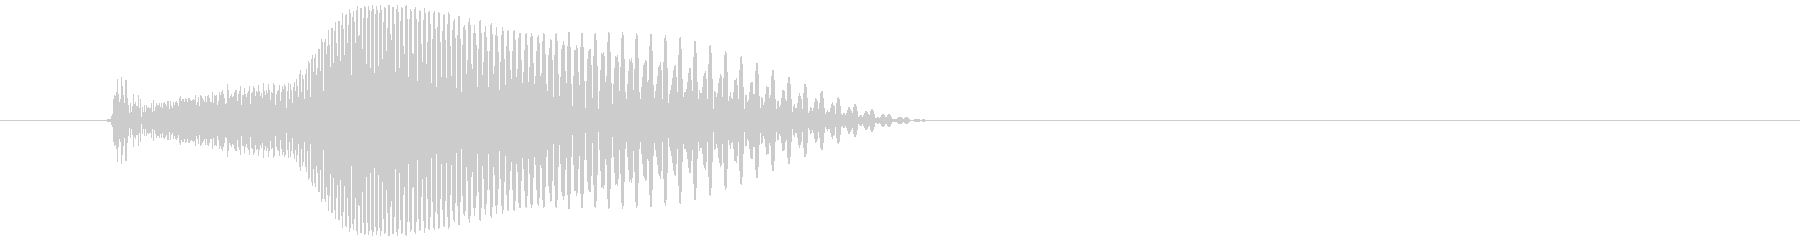 シューティングゲーム_弾_発射音1の未再生の波形